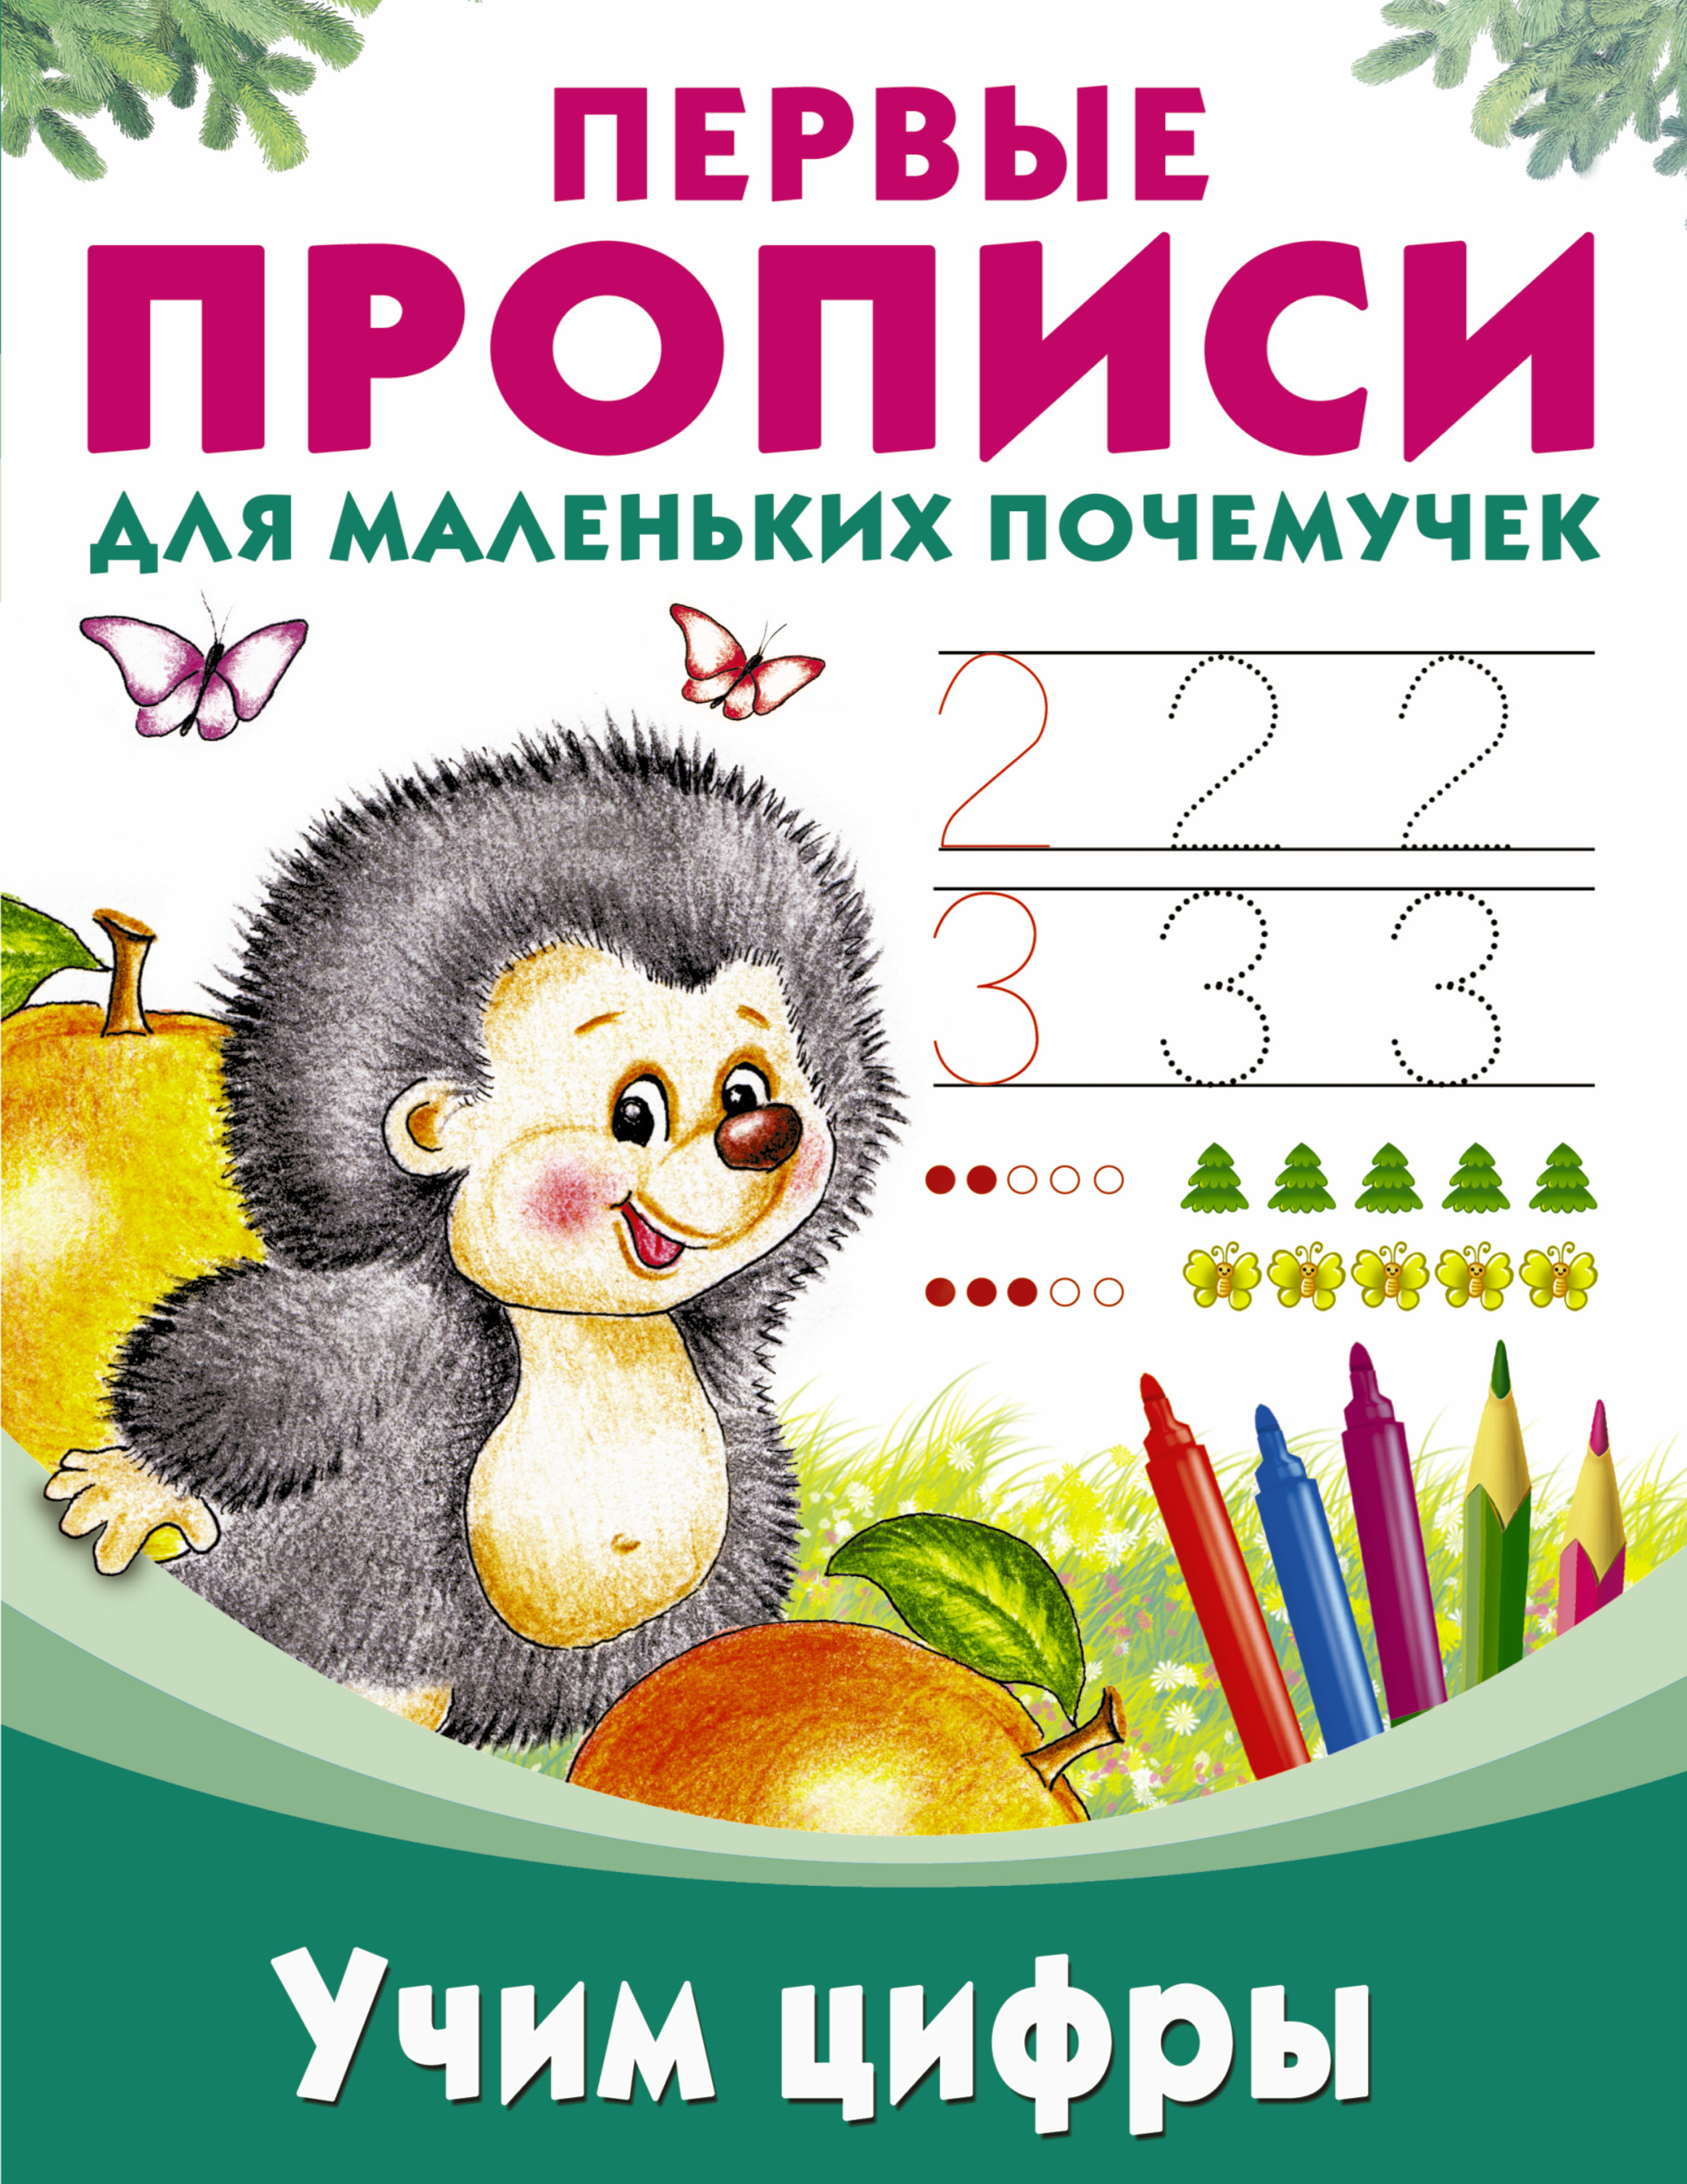 Дмитриева В.Г., Двинина Л.В. Учим цифры киричек е ред учим цифры учим цвета я считаю до 10 4